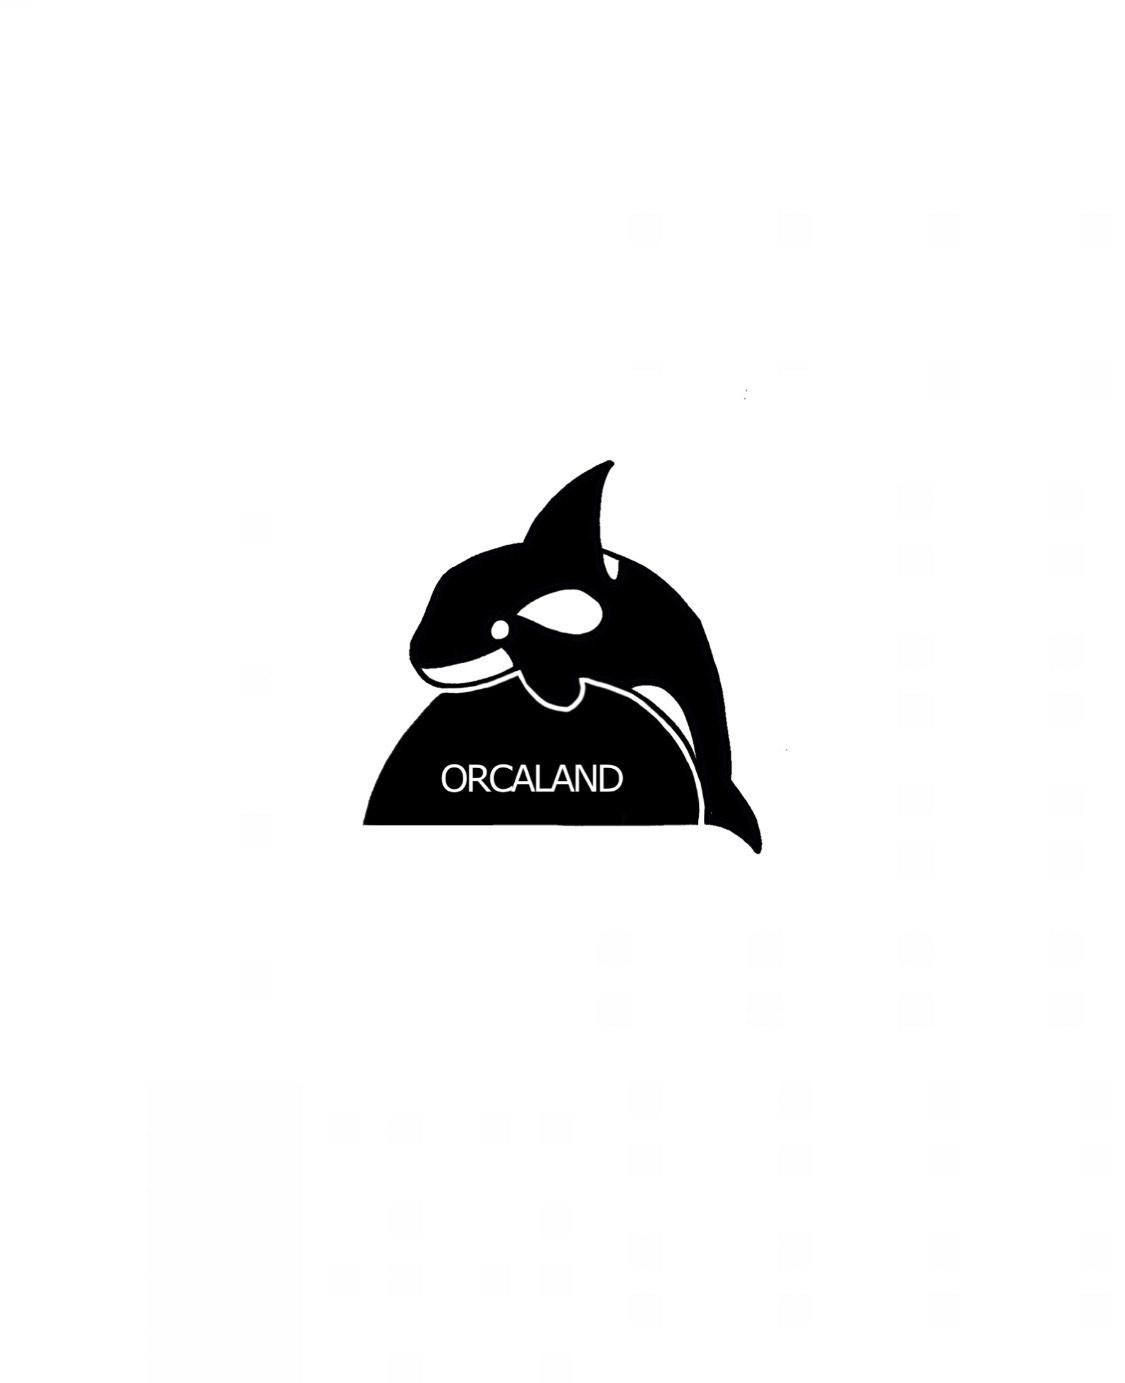 ORCALAND